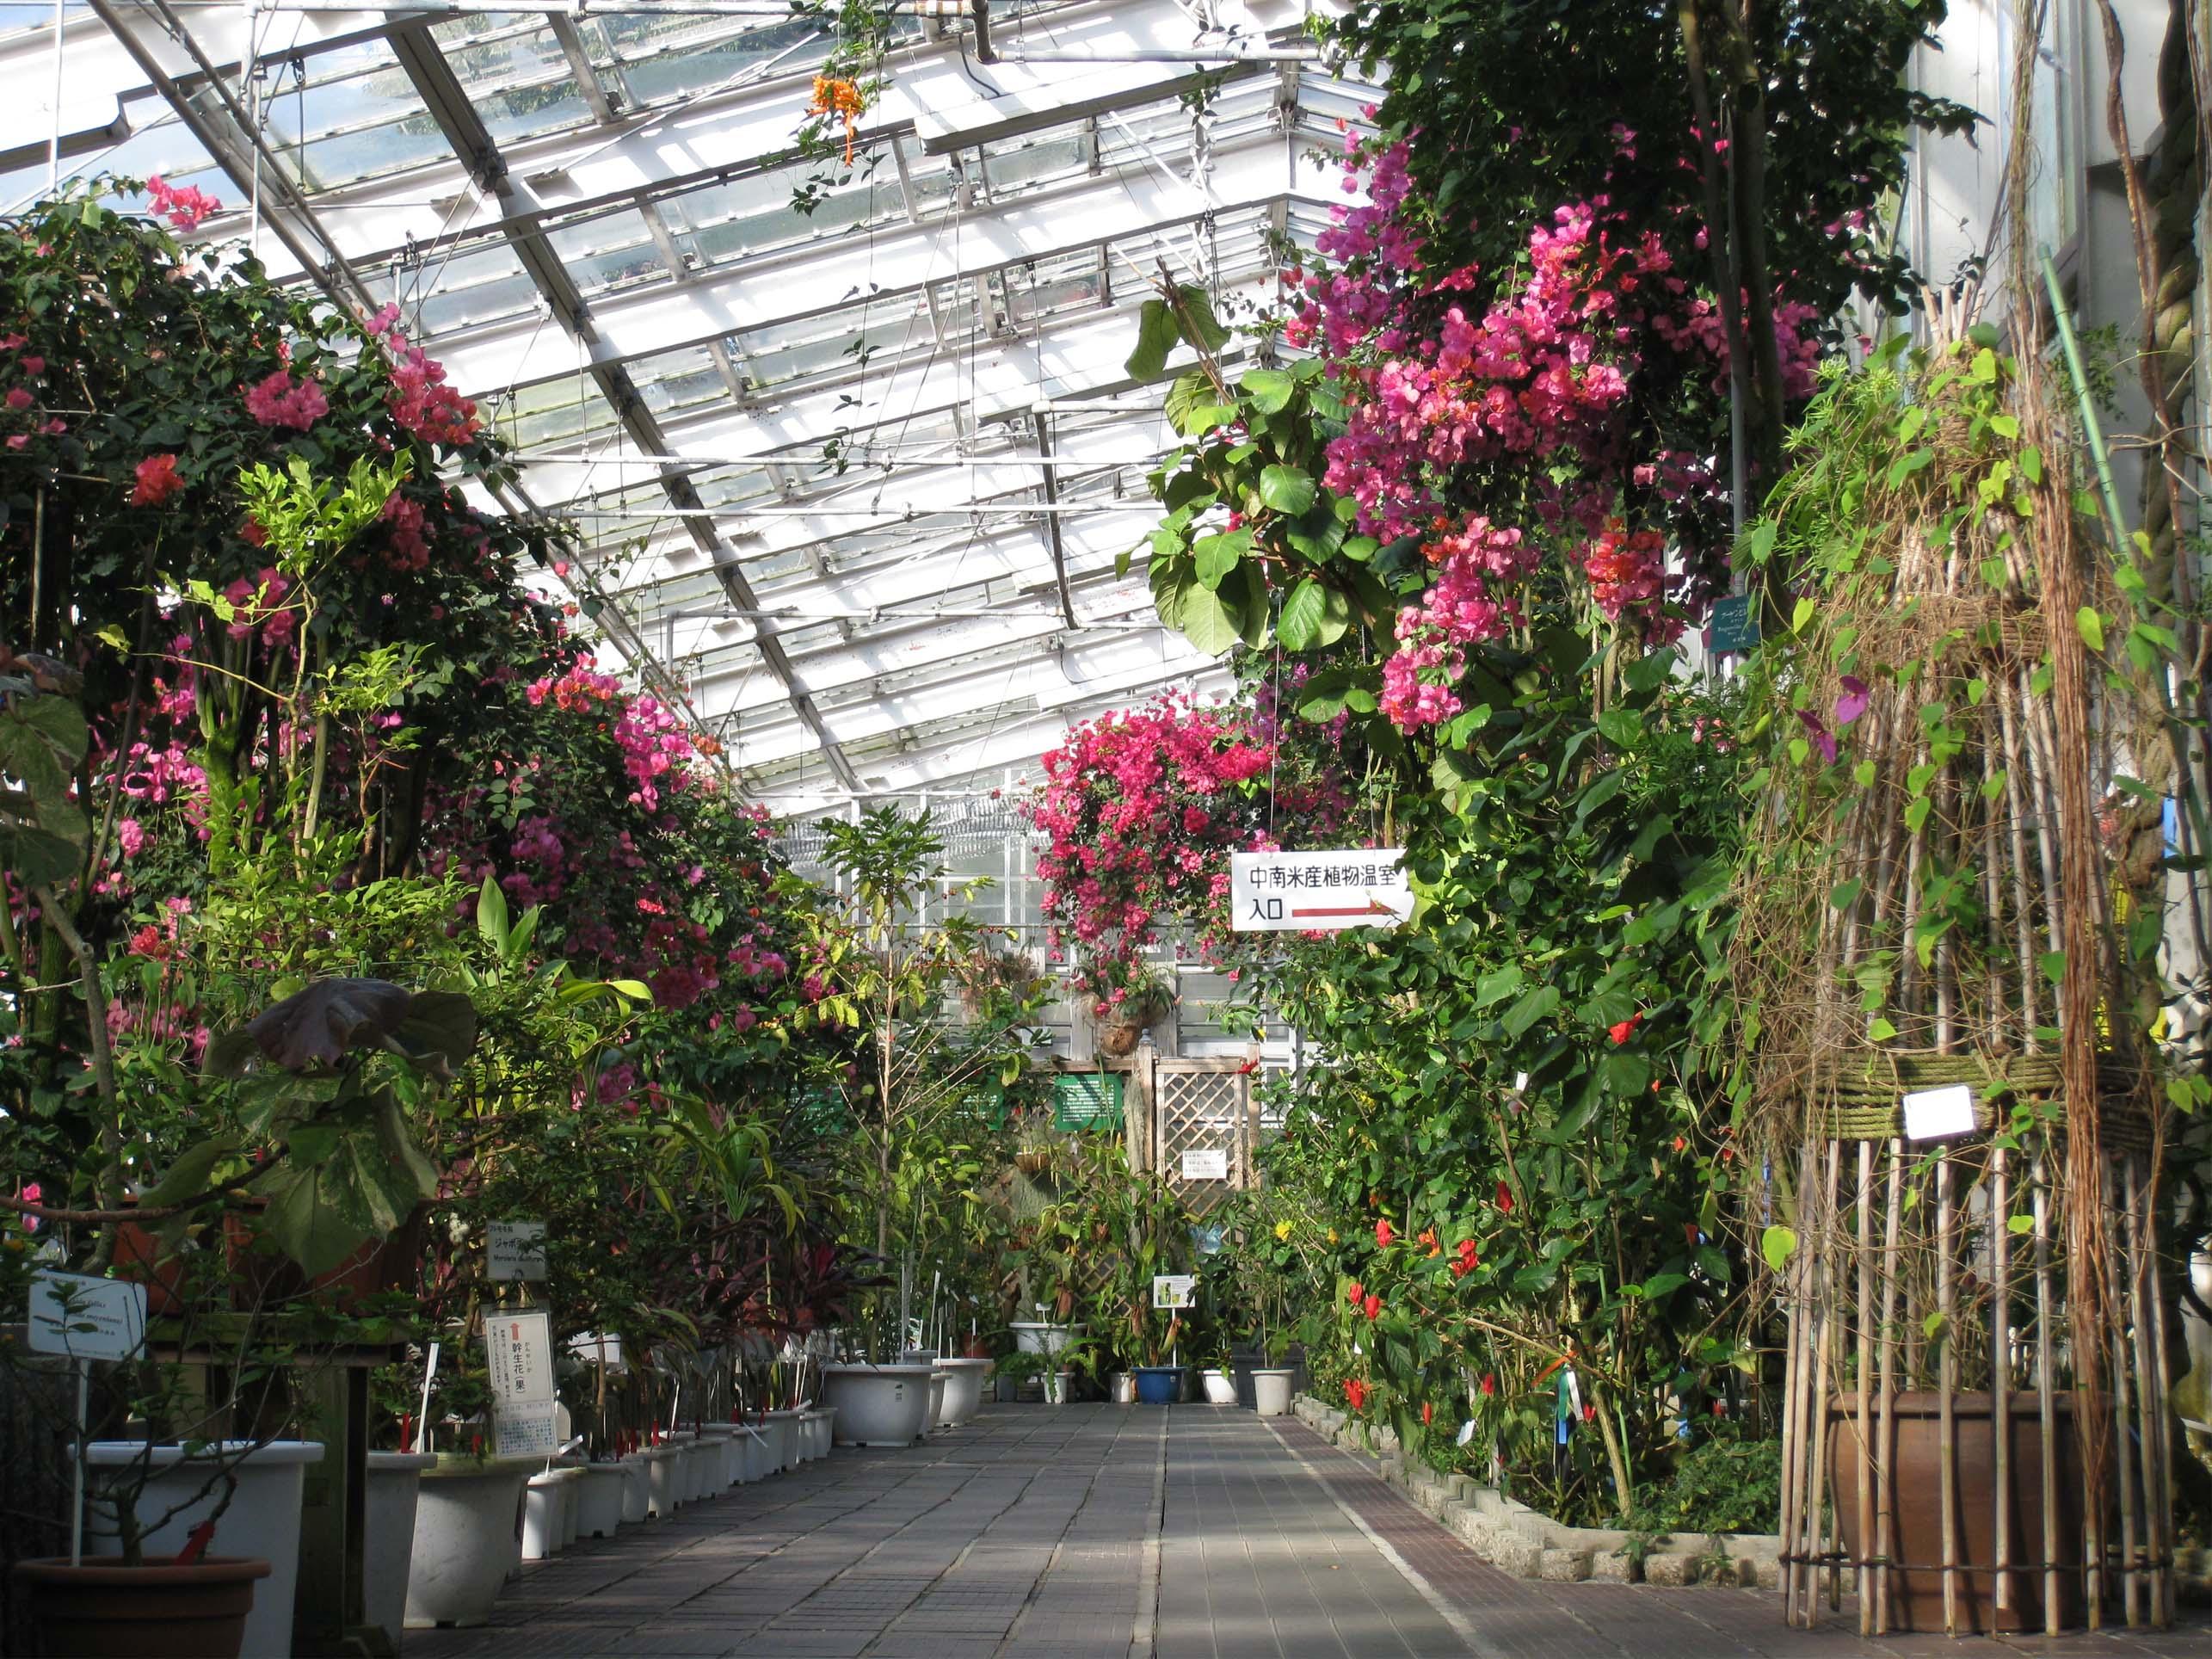 東山動植物園公開講座「熱帯植物の魅力」を開催します